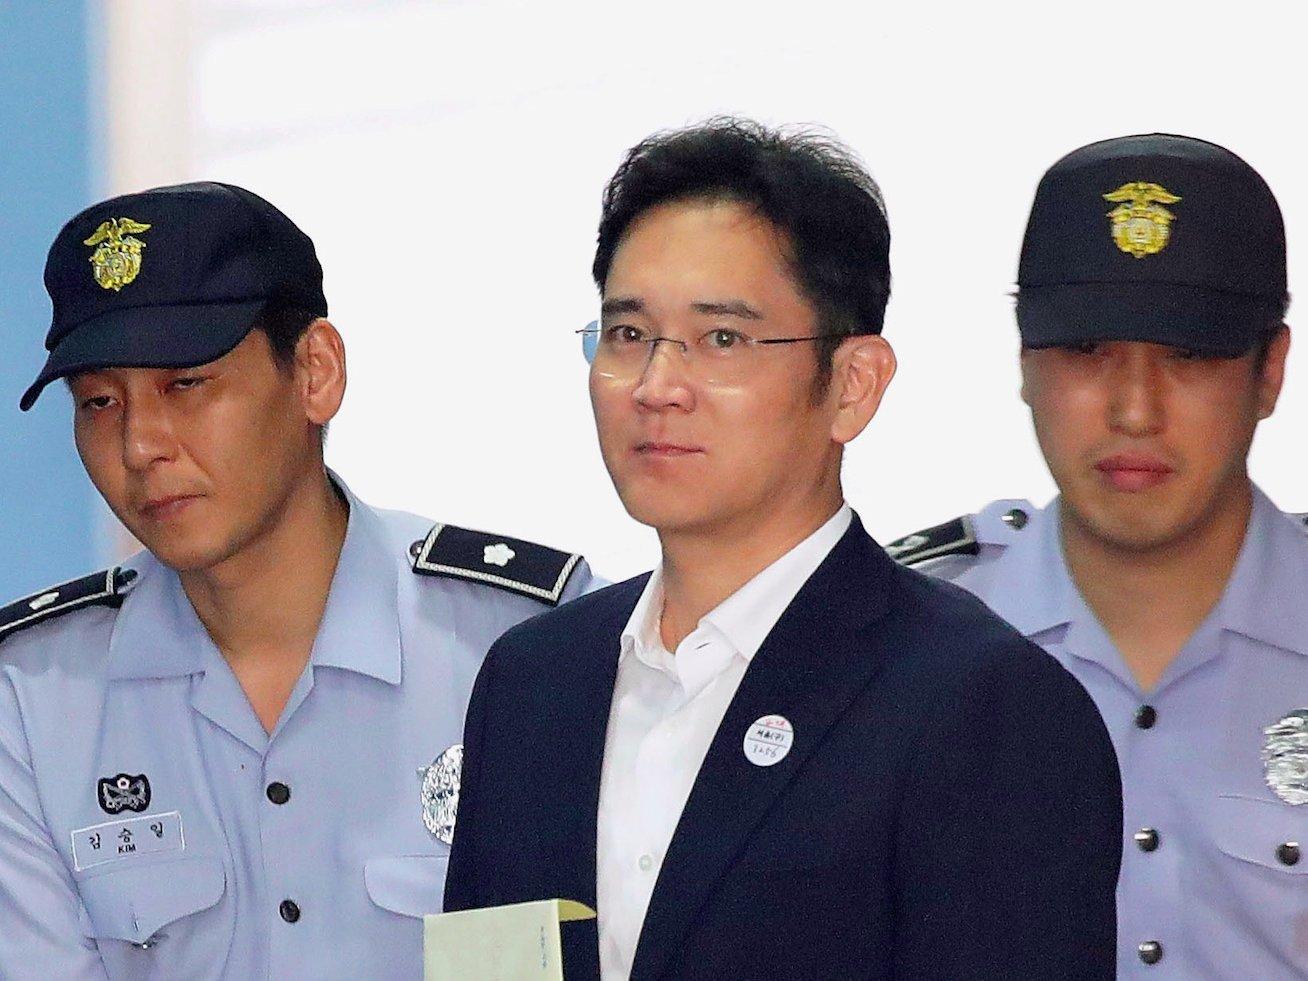 https: img.okezone.com content 2017 08 25 320 1763297 korupsi-bos-besar-samsung-divonis-penjara-5-tahun-tuhhWOK4Yz.jpg